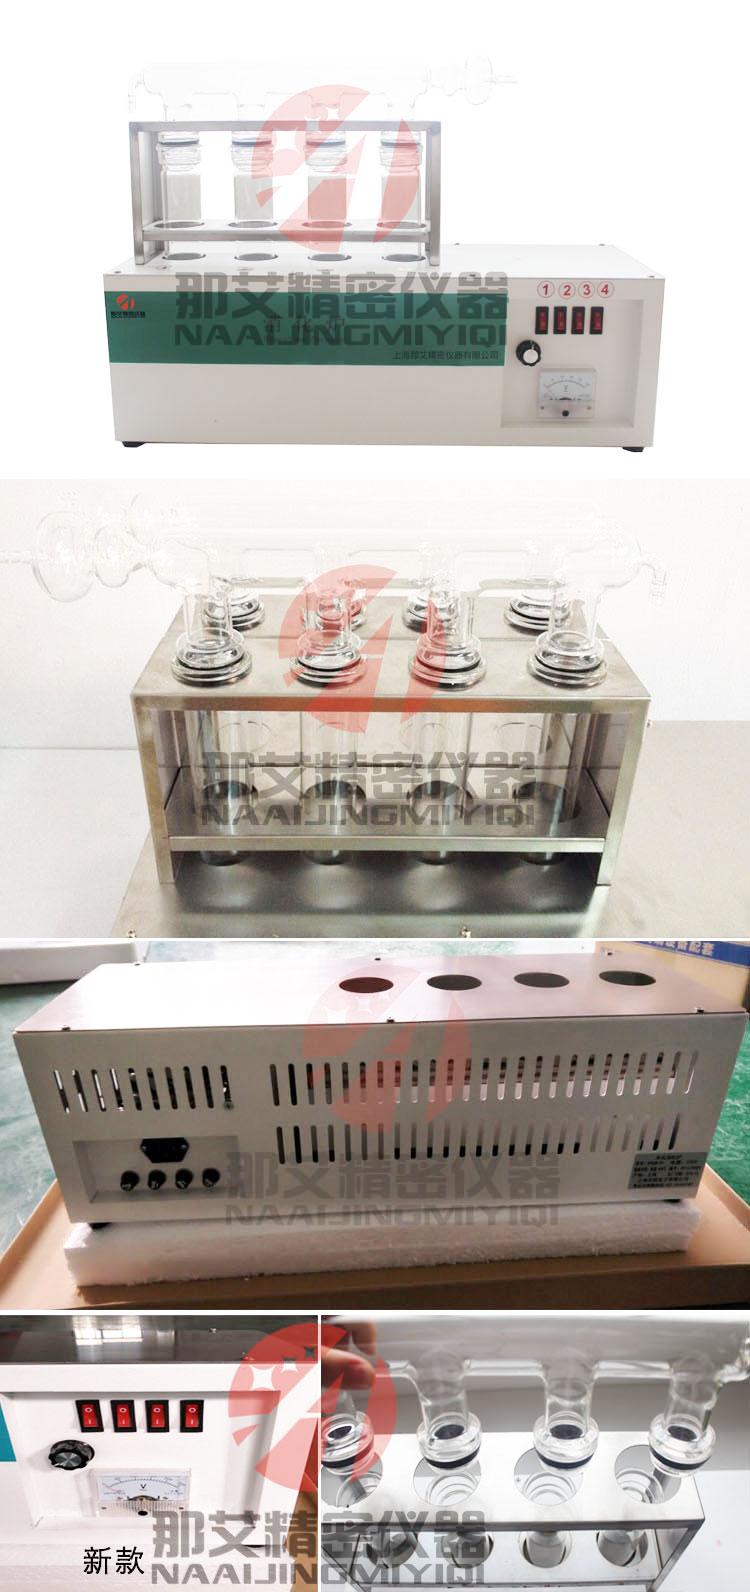 6.1消化炉-井式可控硅.jpg